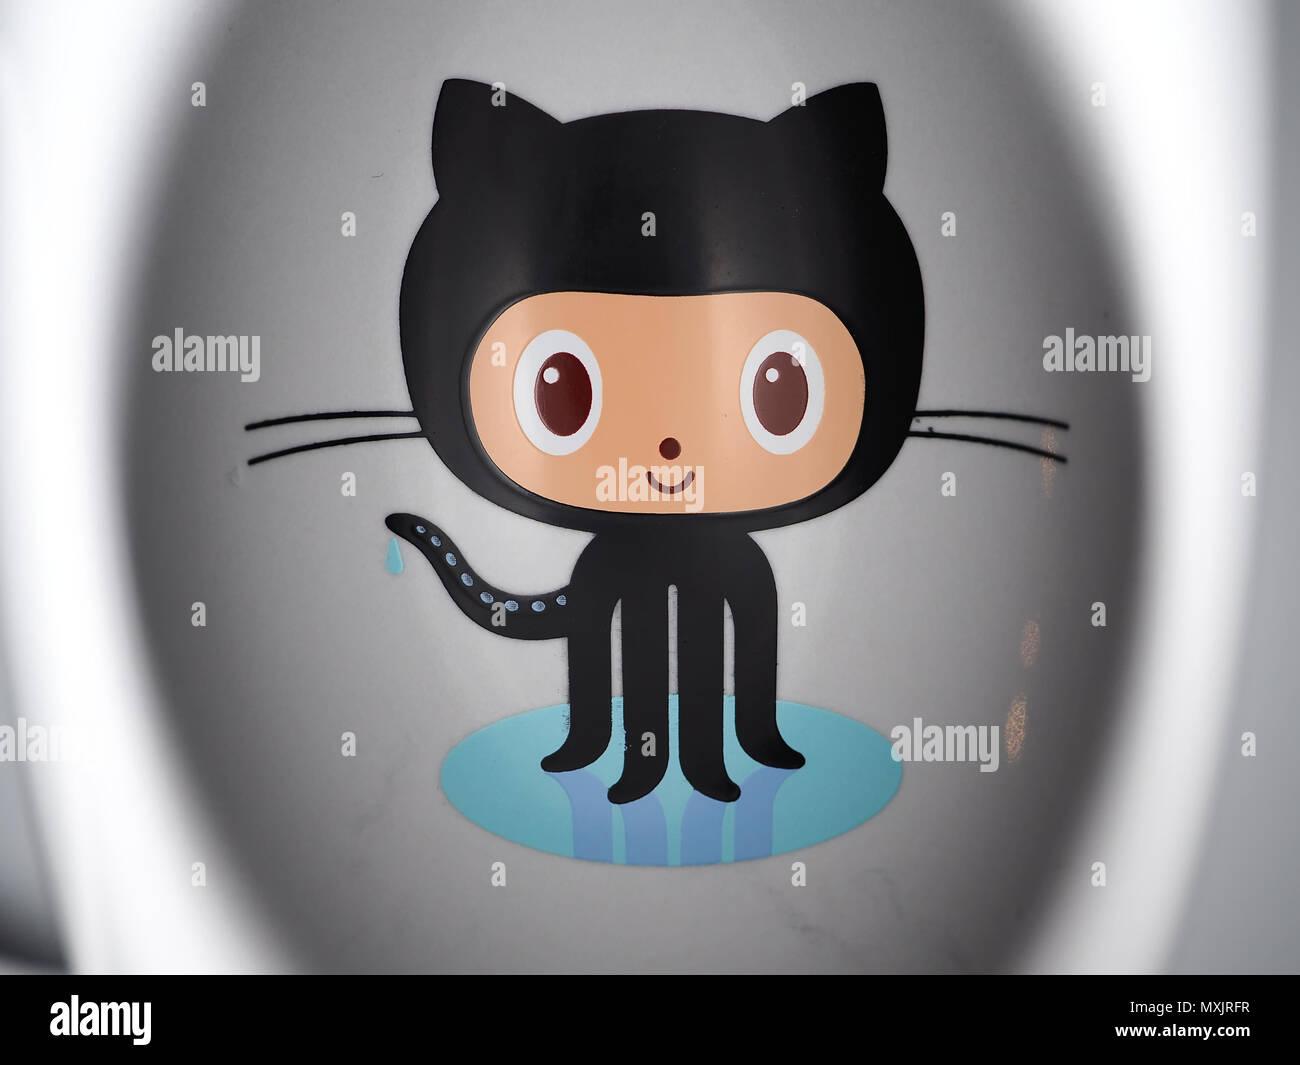 Git Stock Photos & Git Stock Images - Alamy